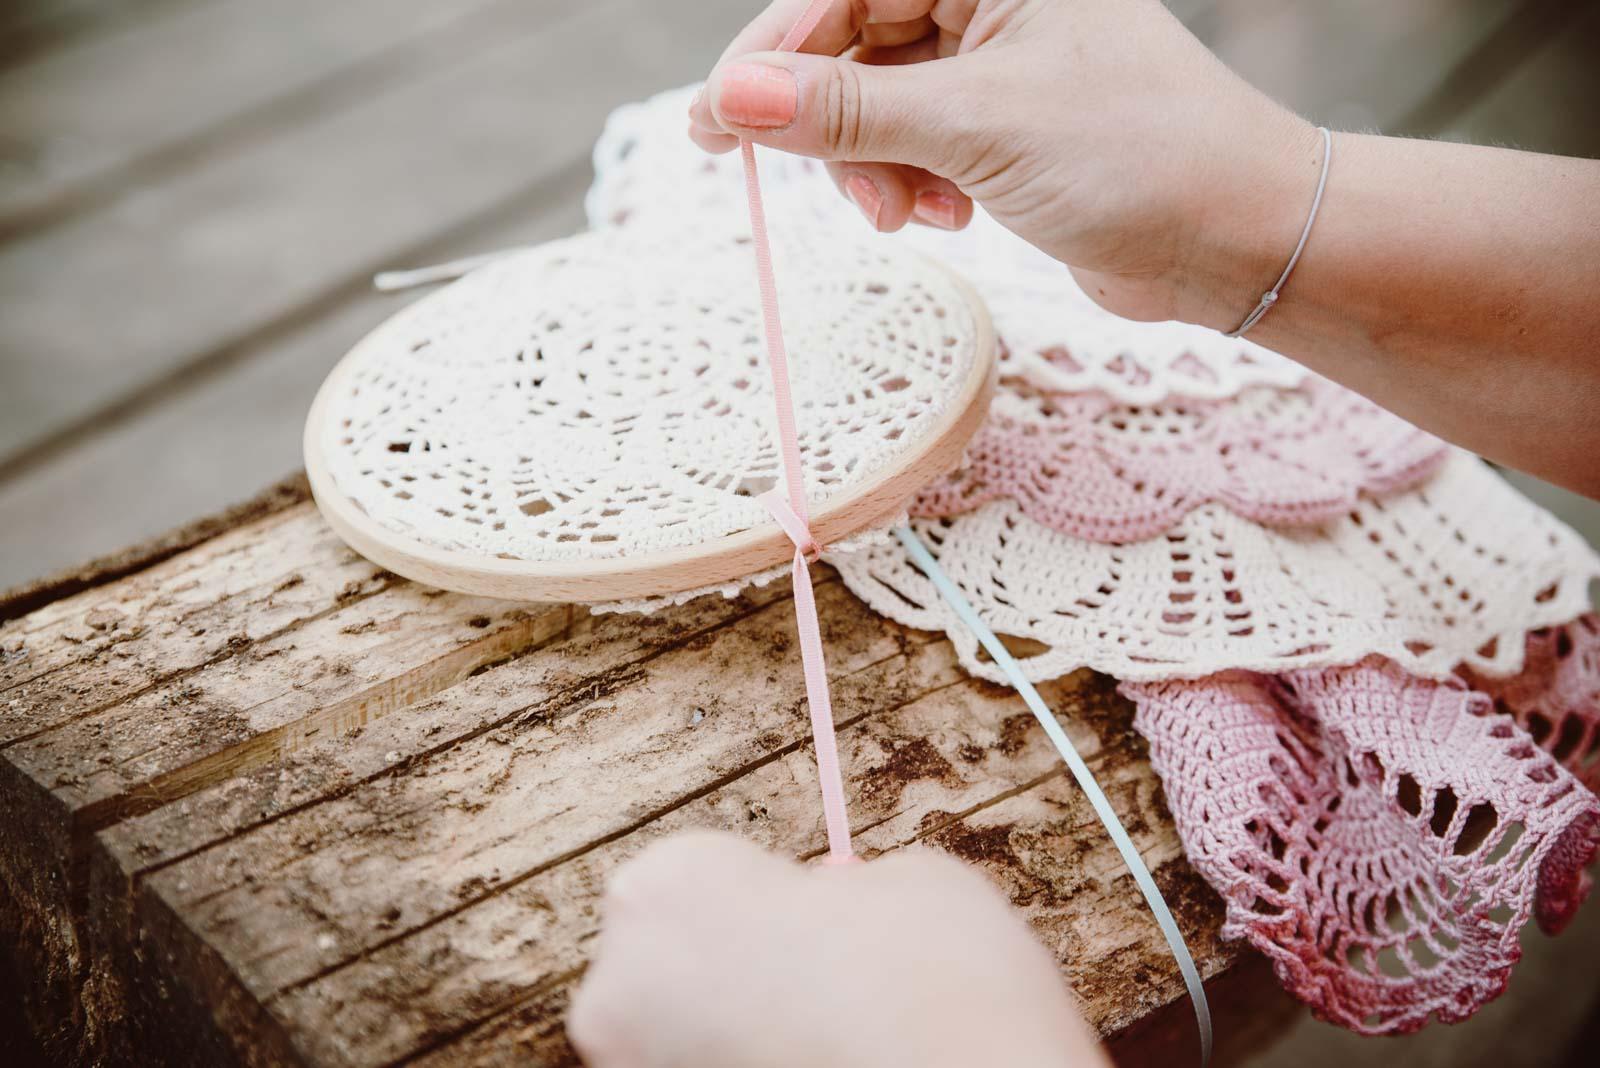 DIY-Dreamcatcher-Boho-Wedding-Dekoration-Traumfaenger-Hochzeitsdekoration-43